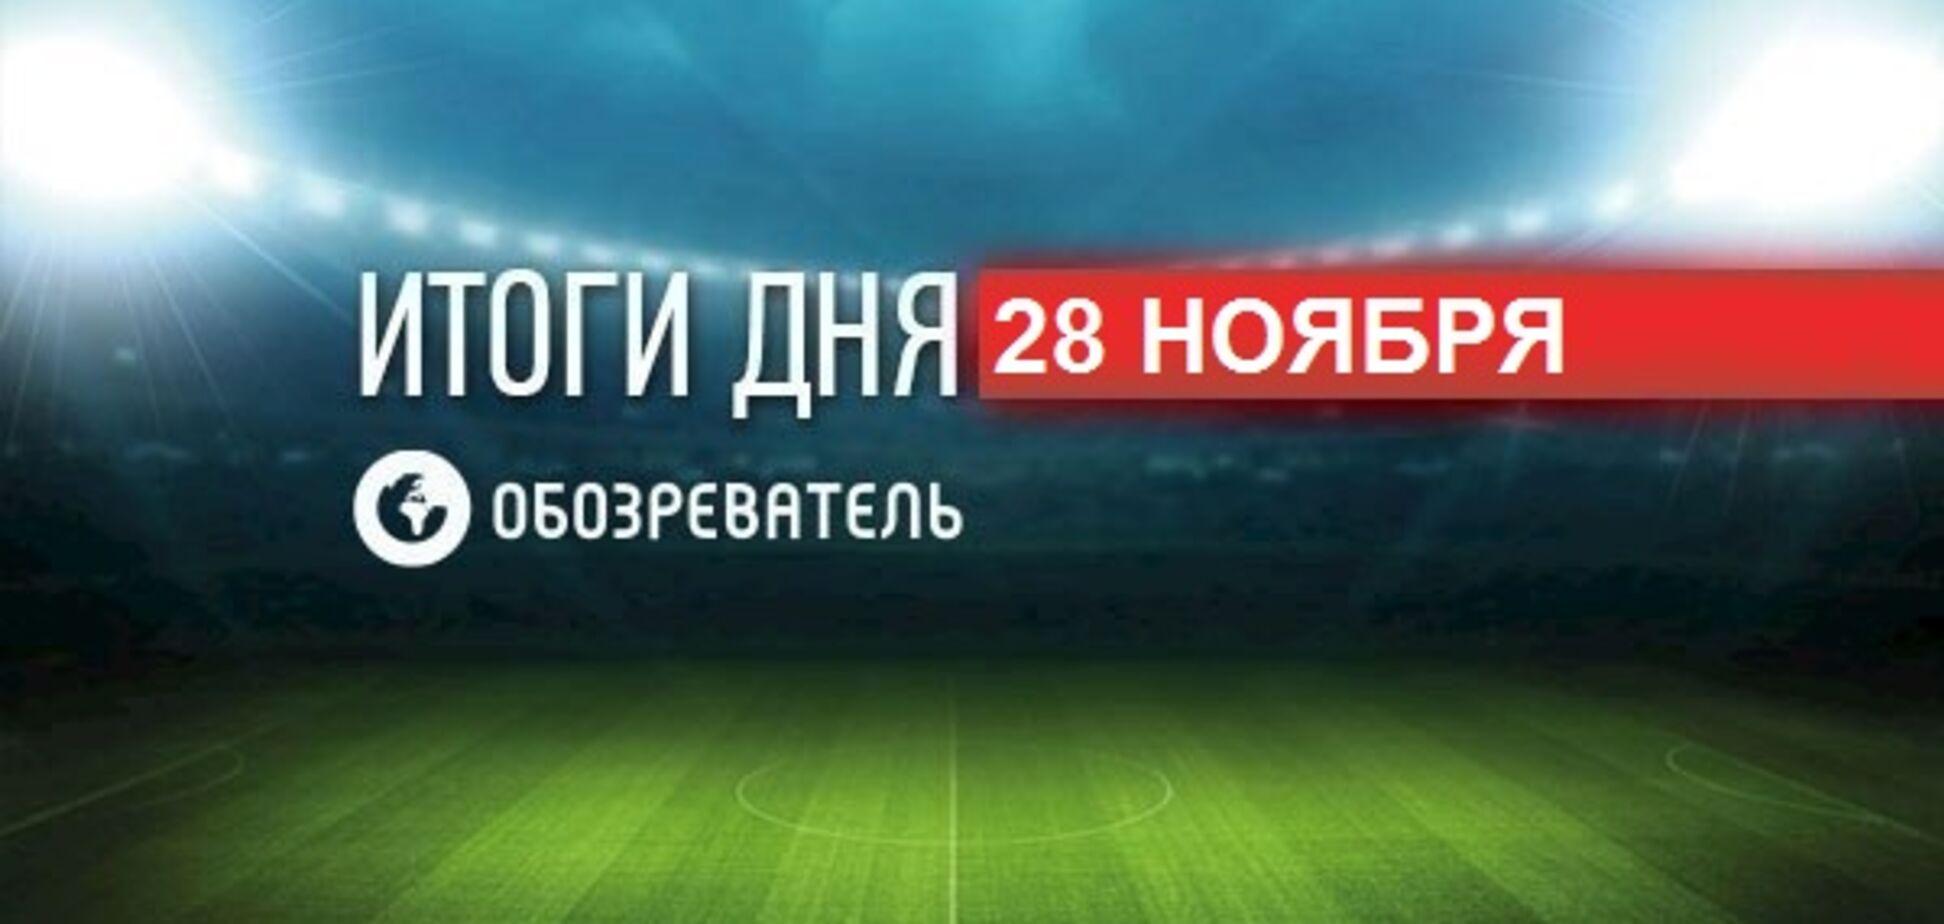 Ультрас атакували футболістів 'Шахтаря': спортивні підсумки 28 листопада